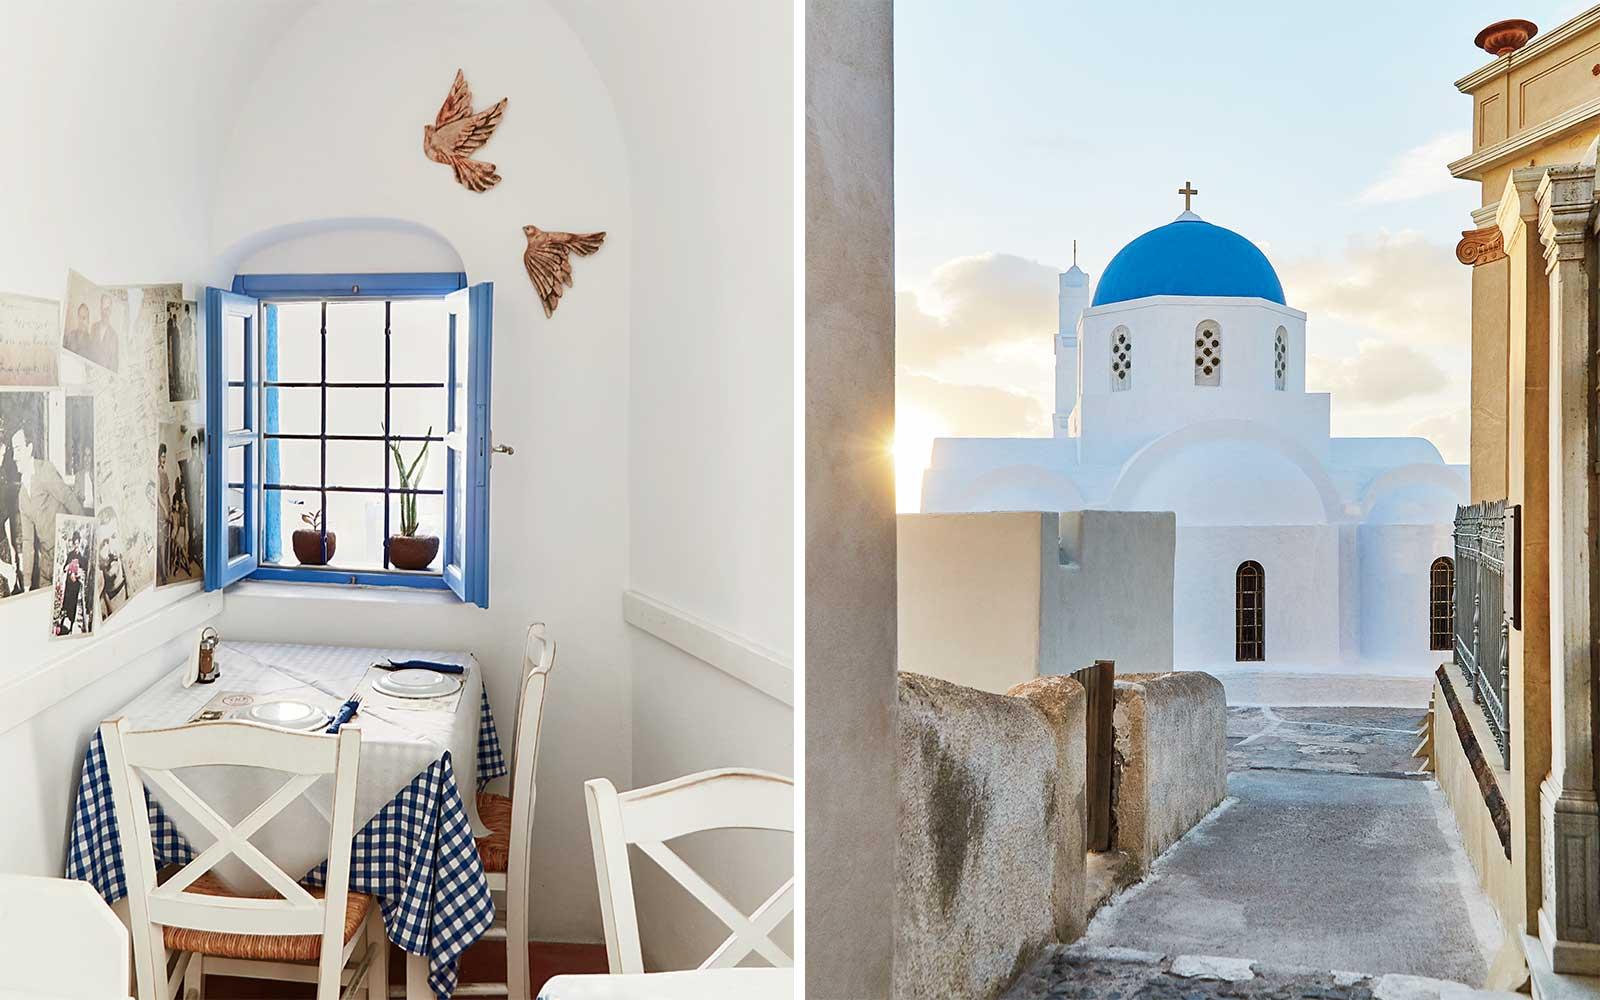 Какой язык в греции: государственный, разговорный, диалекты на островах, словари и необходимые слова для туристов